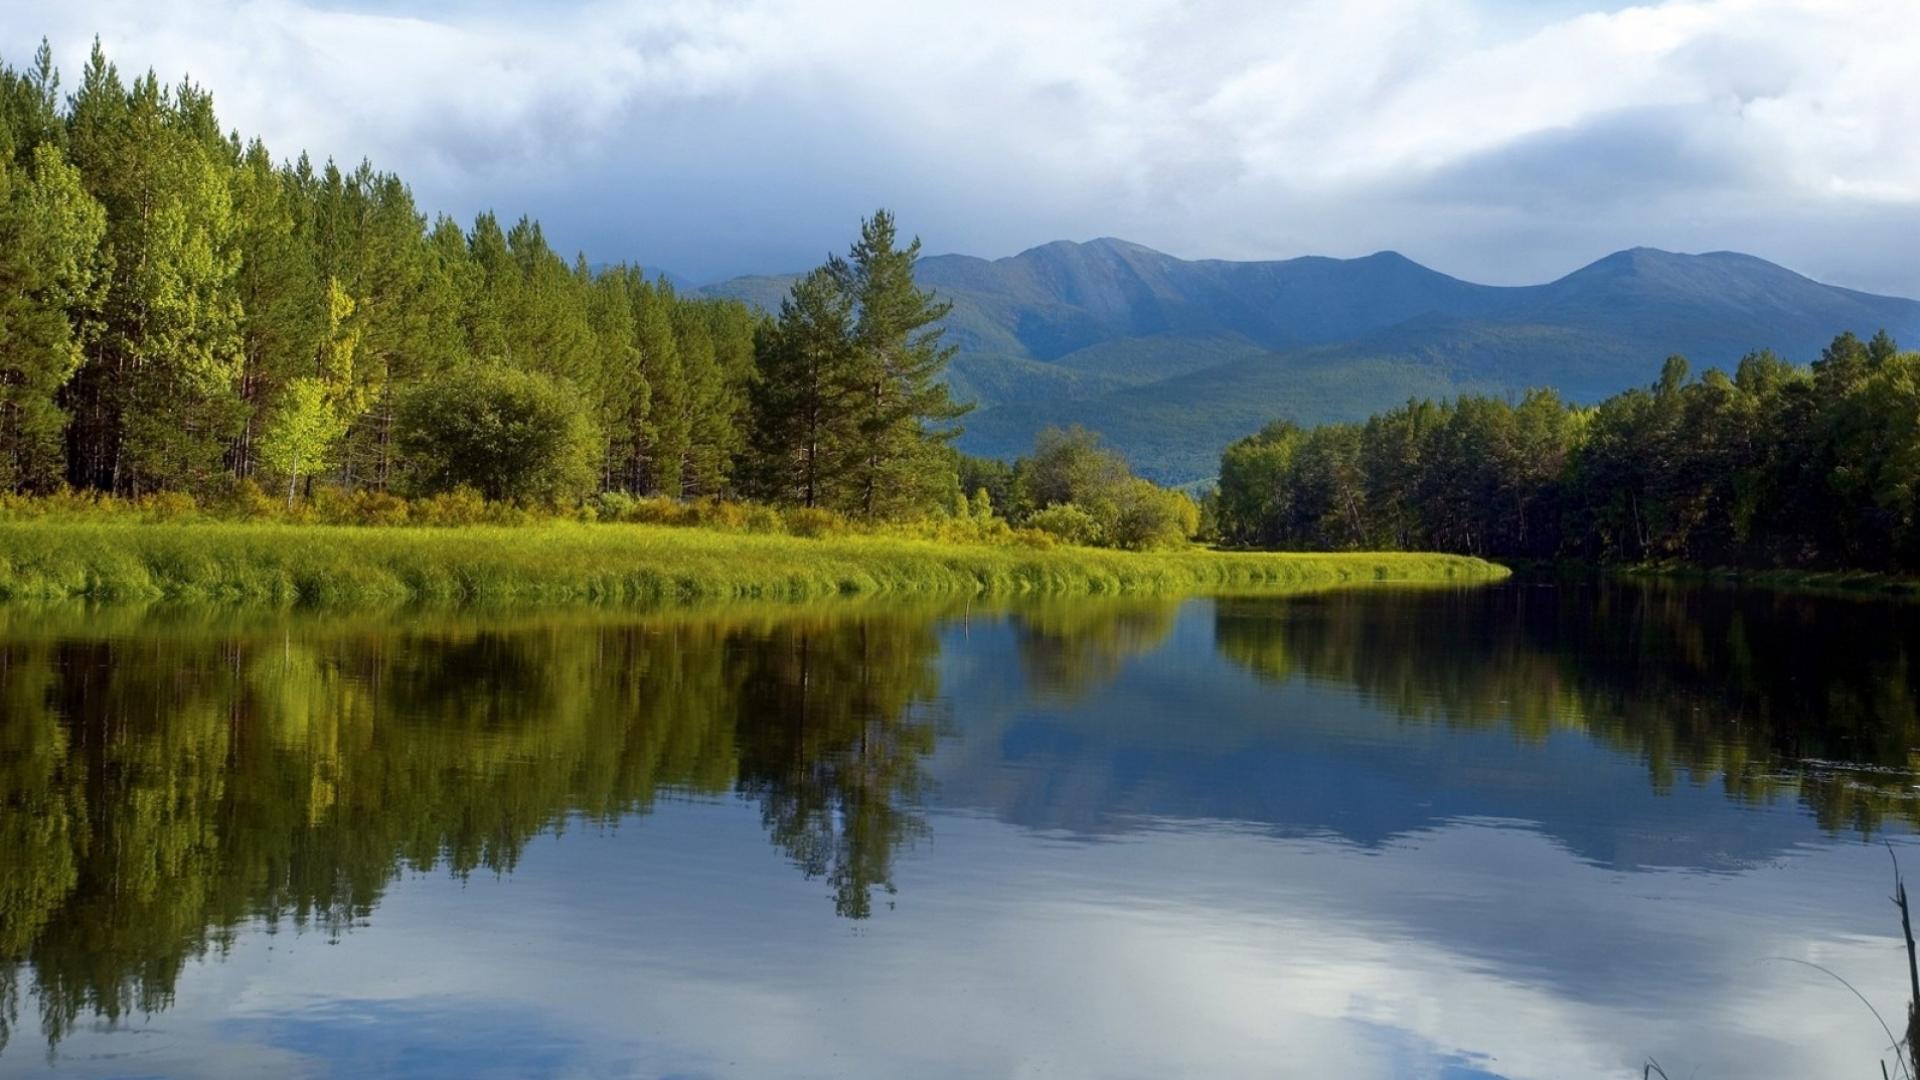 27058 скачать обои Пейзаж, Река, Деревья, Горы - заставки и картинки бесплатно